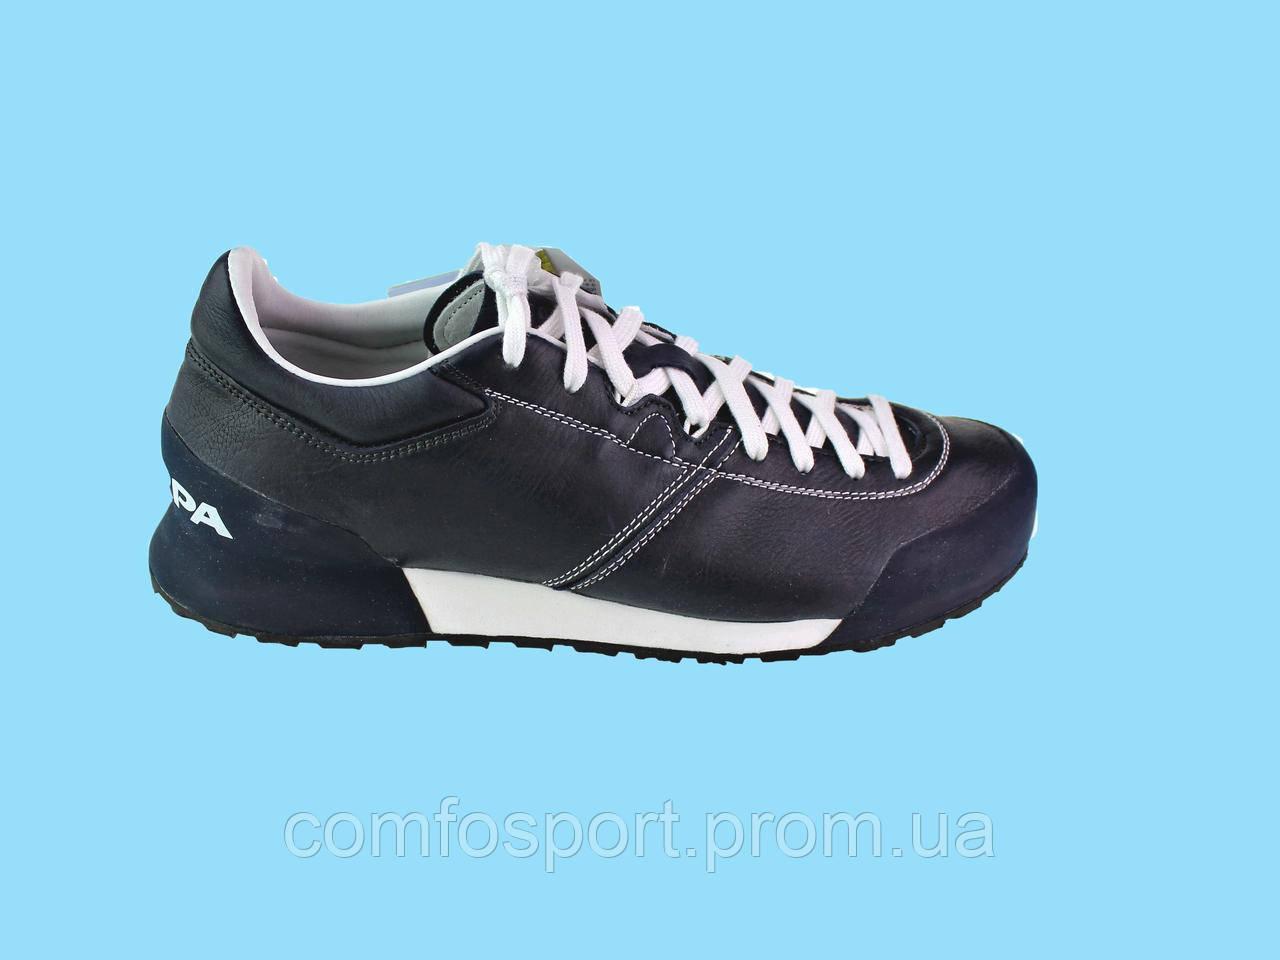 Scarpa Kalipe Free Night  универсальные кроссовки для активного отдыха и повседневной носки